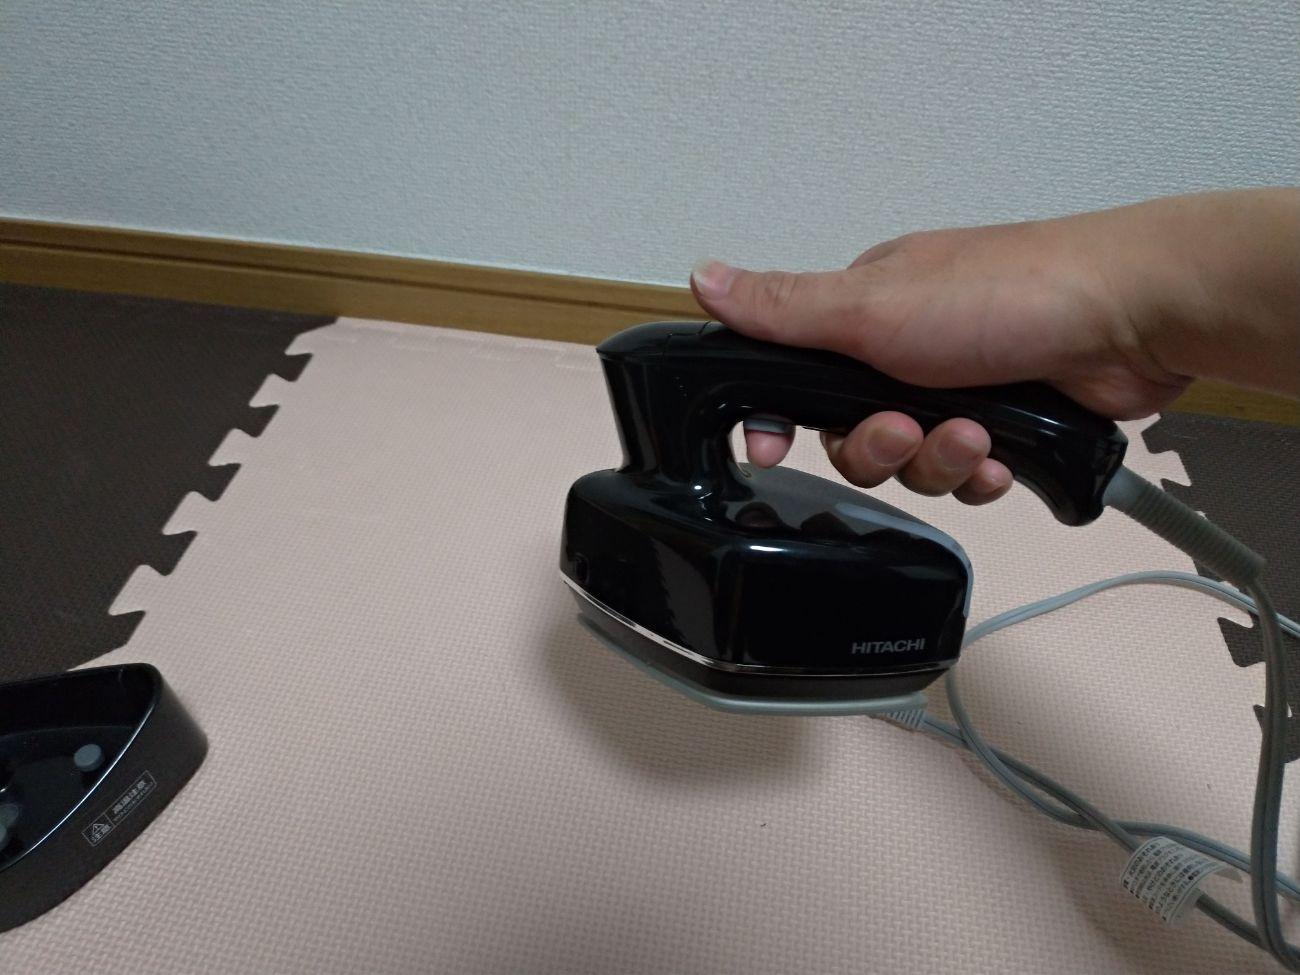 持ちやすく片手にすっぽり収まるサイズが主流のスチーマー